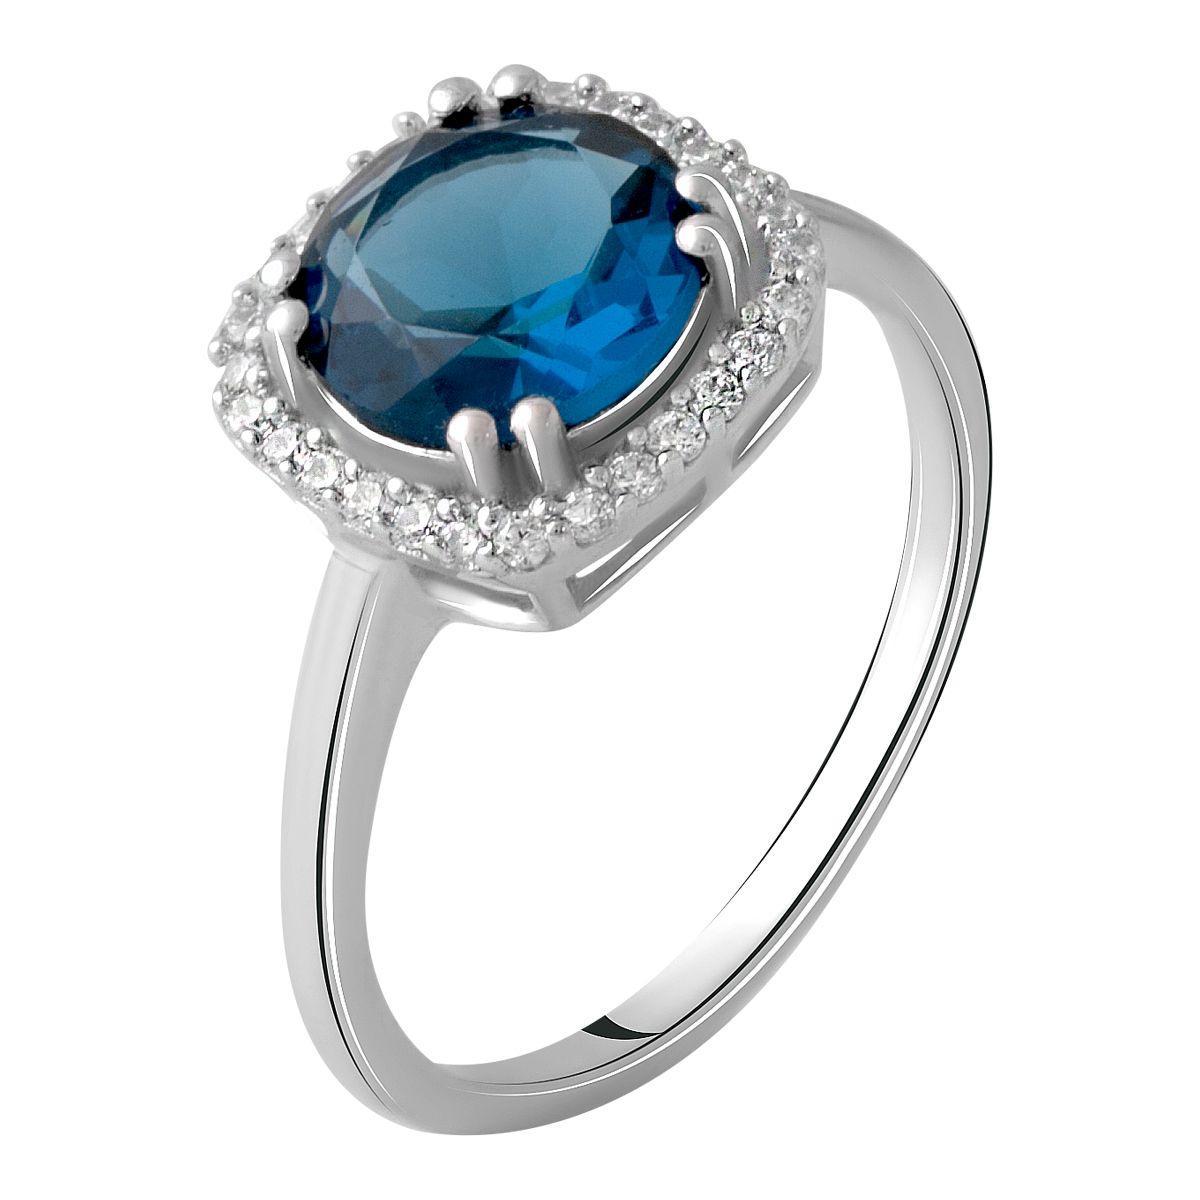 Серебряное кольцо DreamJewelry с натуральным топазом Лондон Блю 1.796ct (1970201) 17 размер